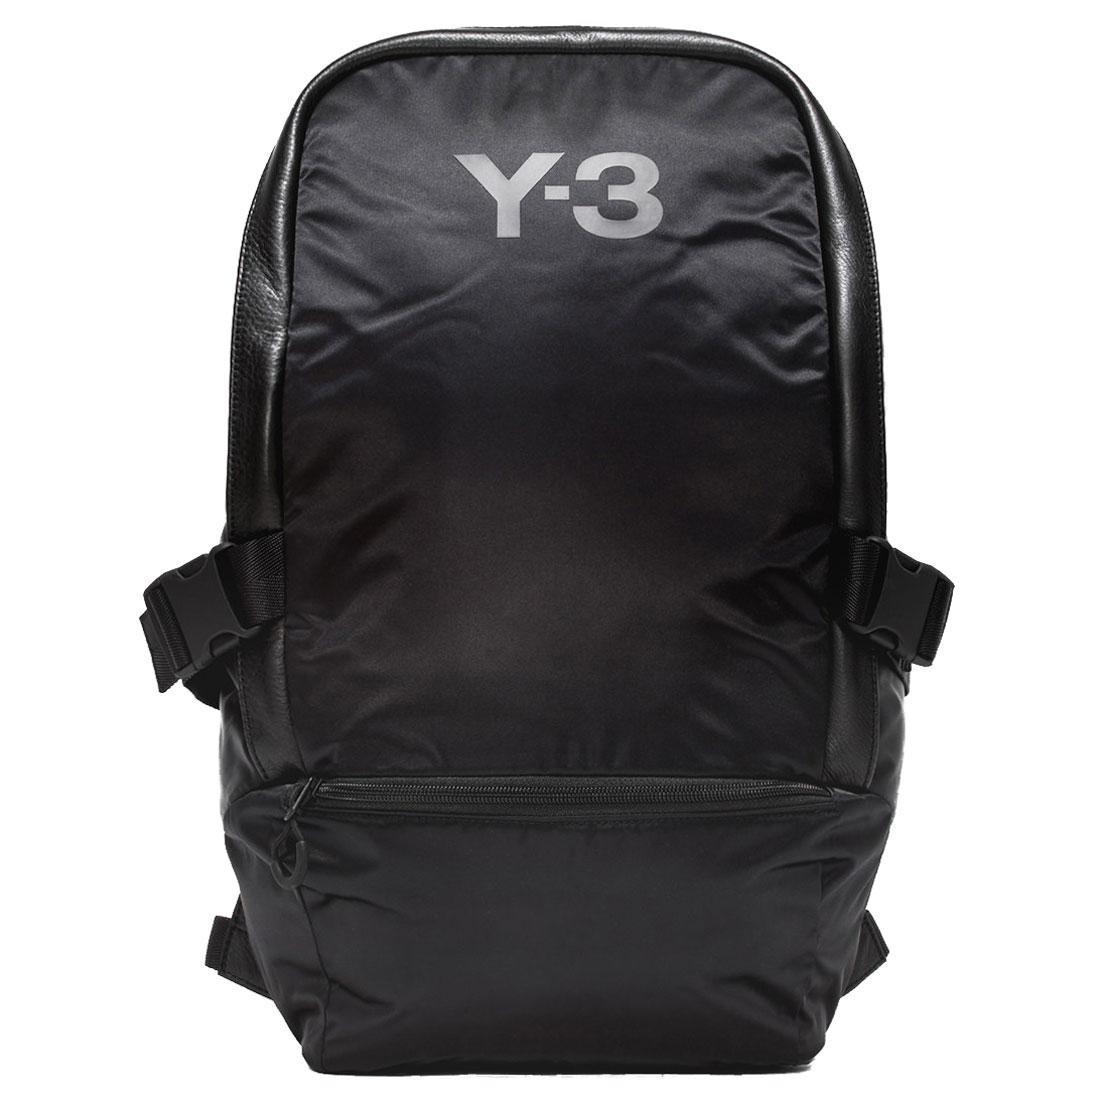 Adidas Y-3 Racer Backpack (black)